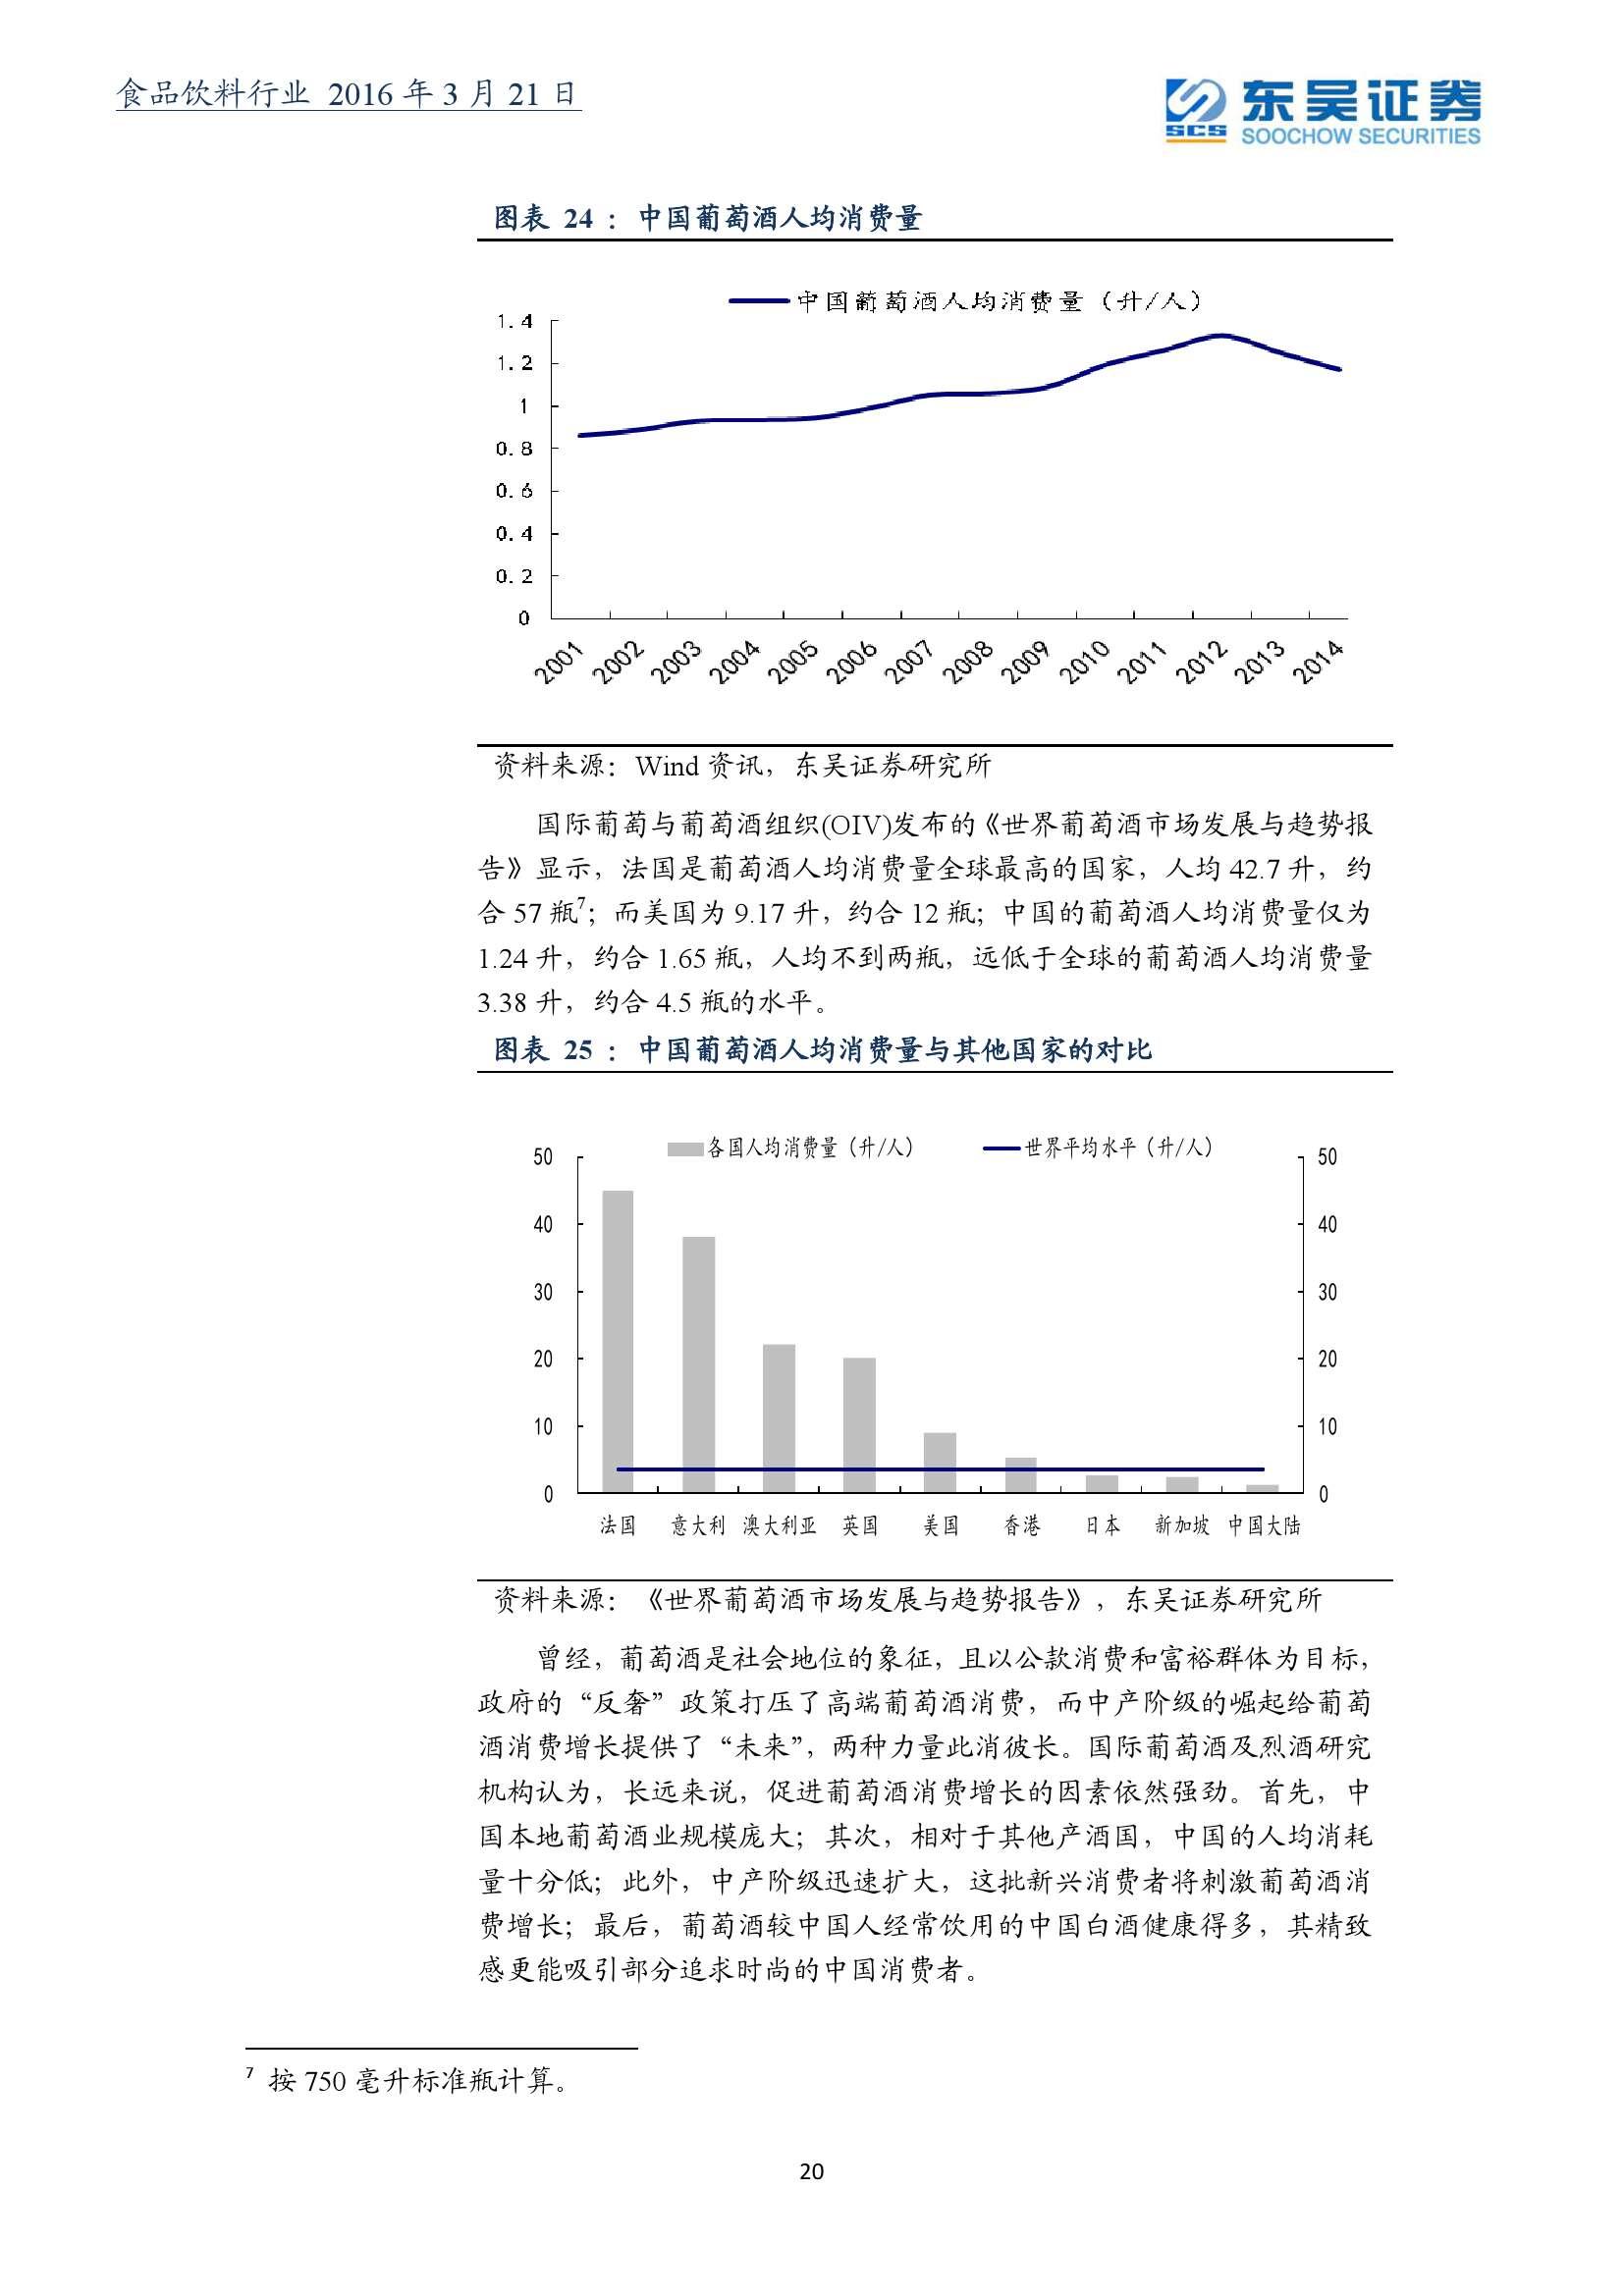 2016年葡萄酒行业深度报告_000020